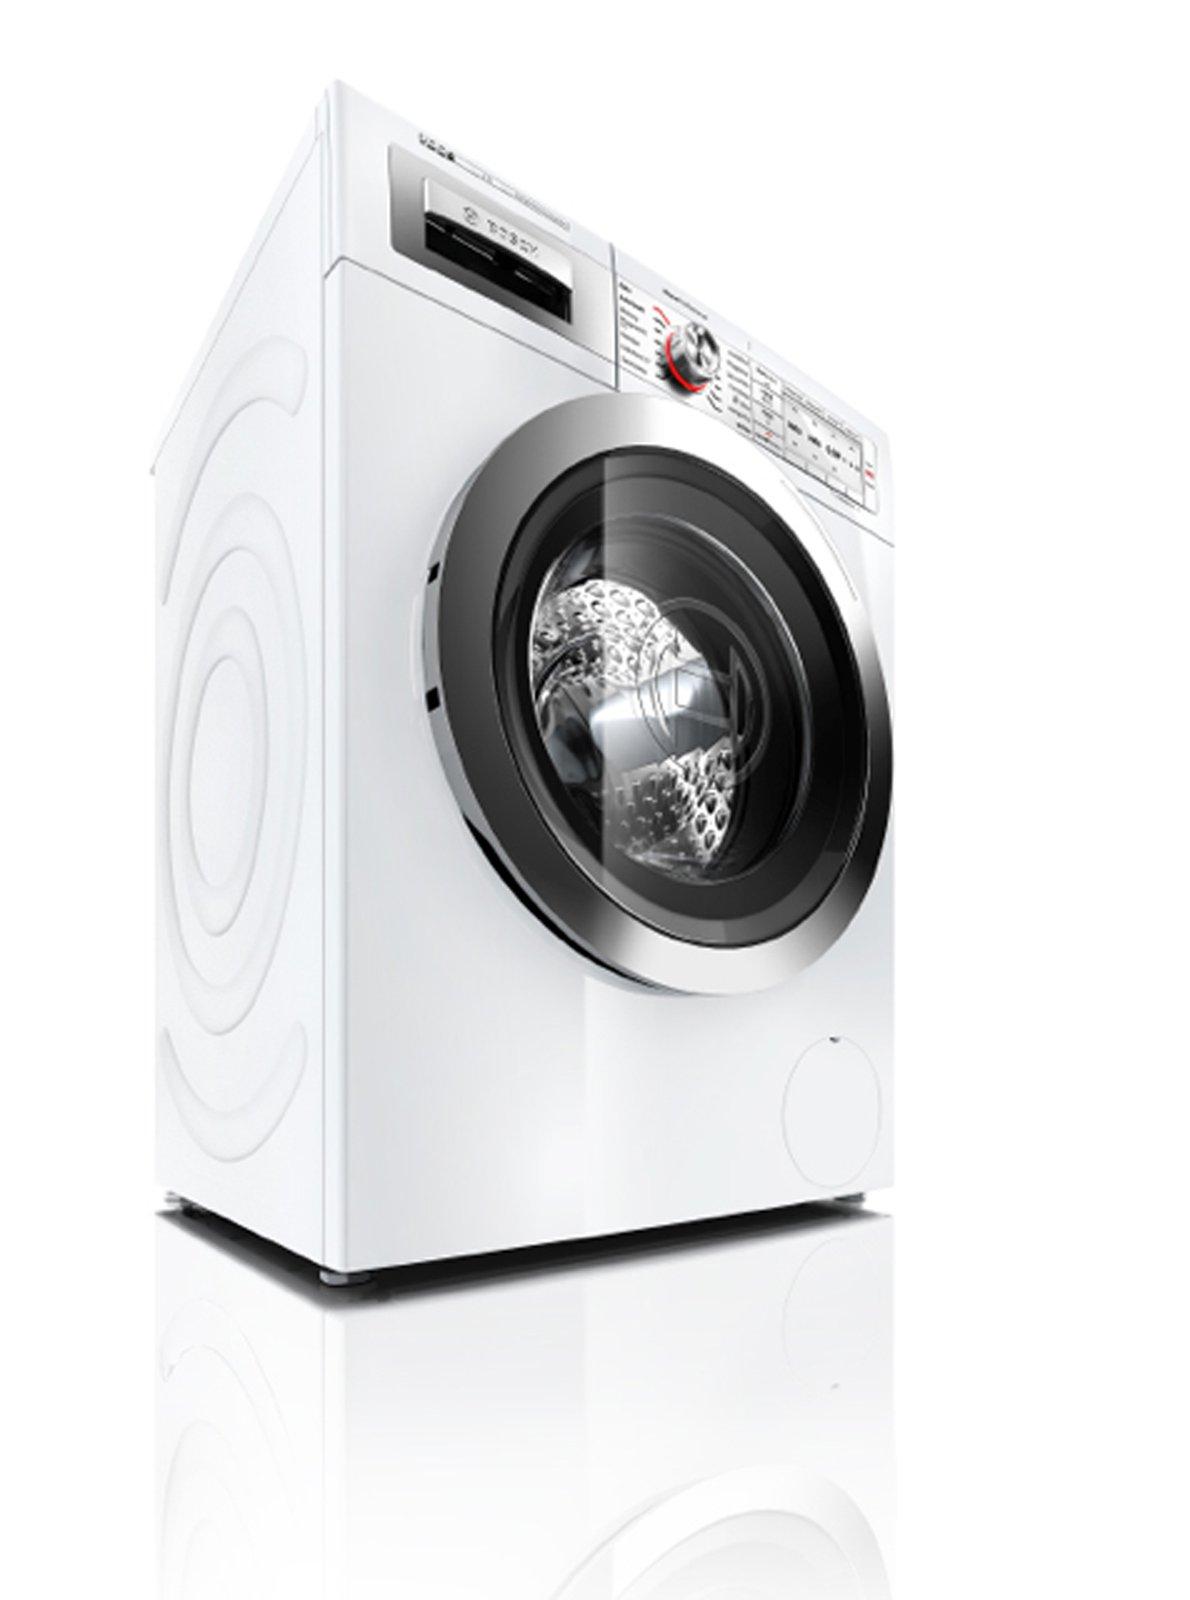 Lavatrici e asciugatrici bosch con certificazione ecarf for Bosch lavasciuga